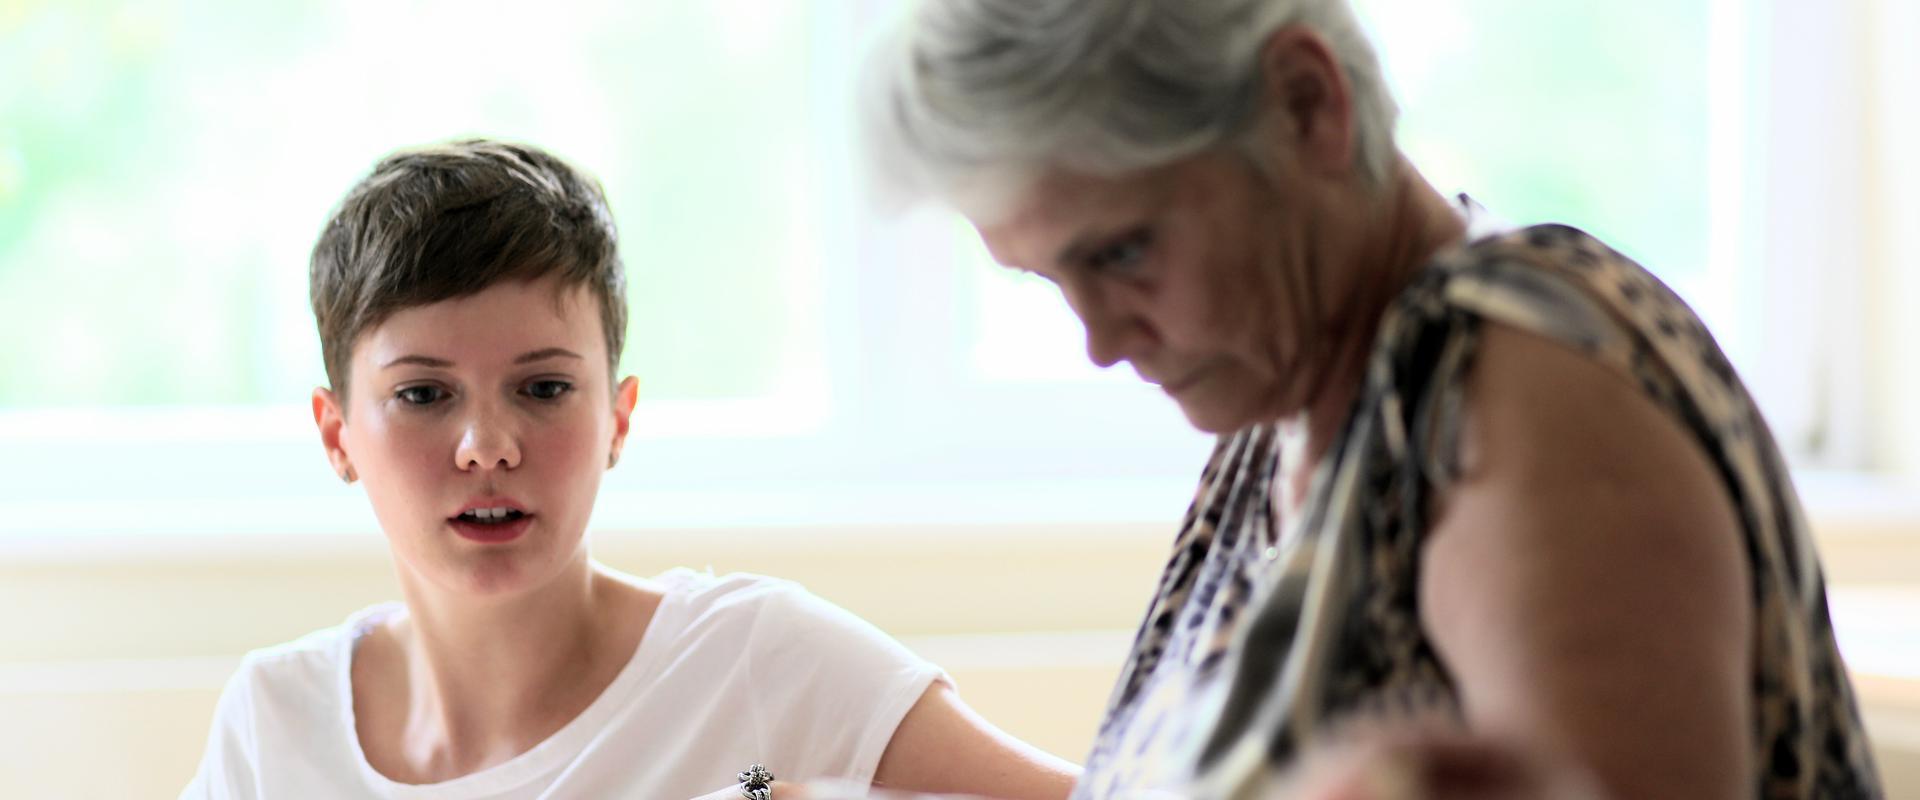 Junge wird von einer Therapeutin behandelt in der MEDIAN Klinik Bad Tennstedt